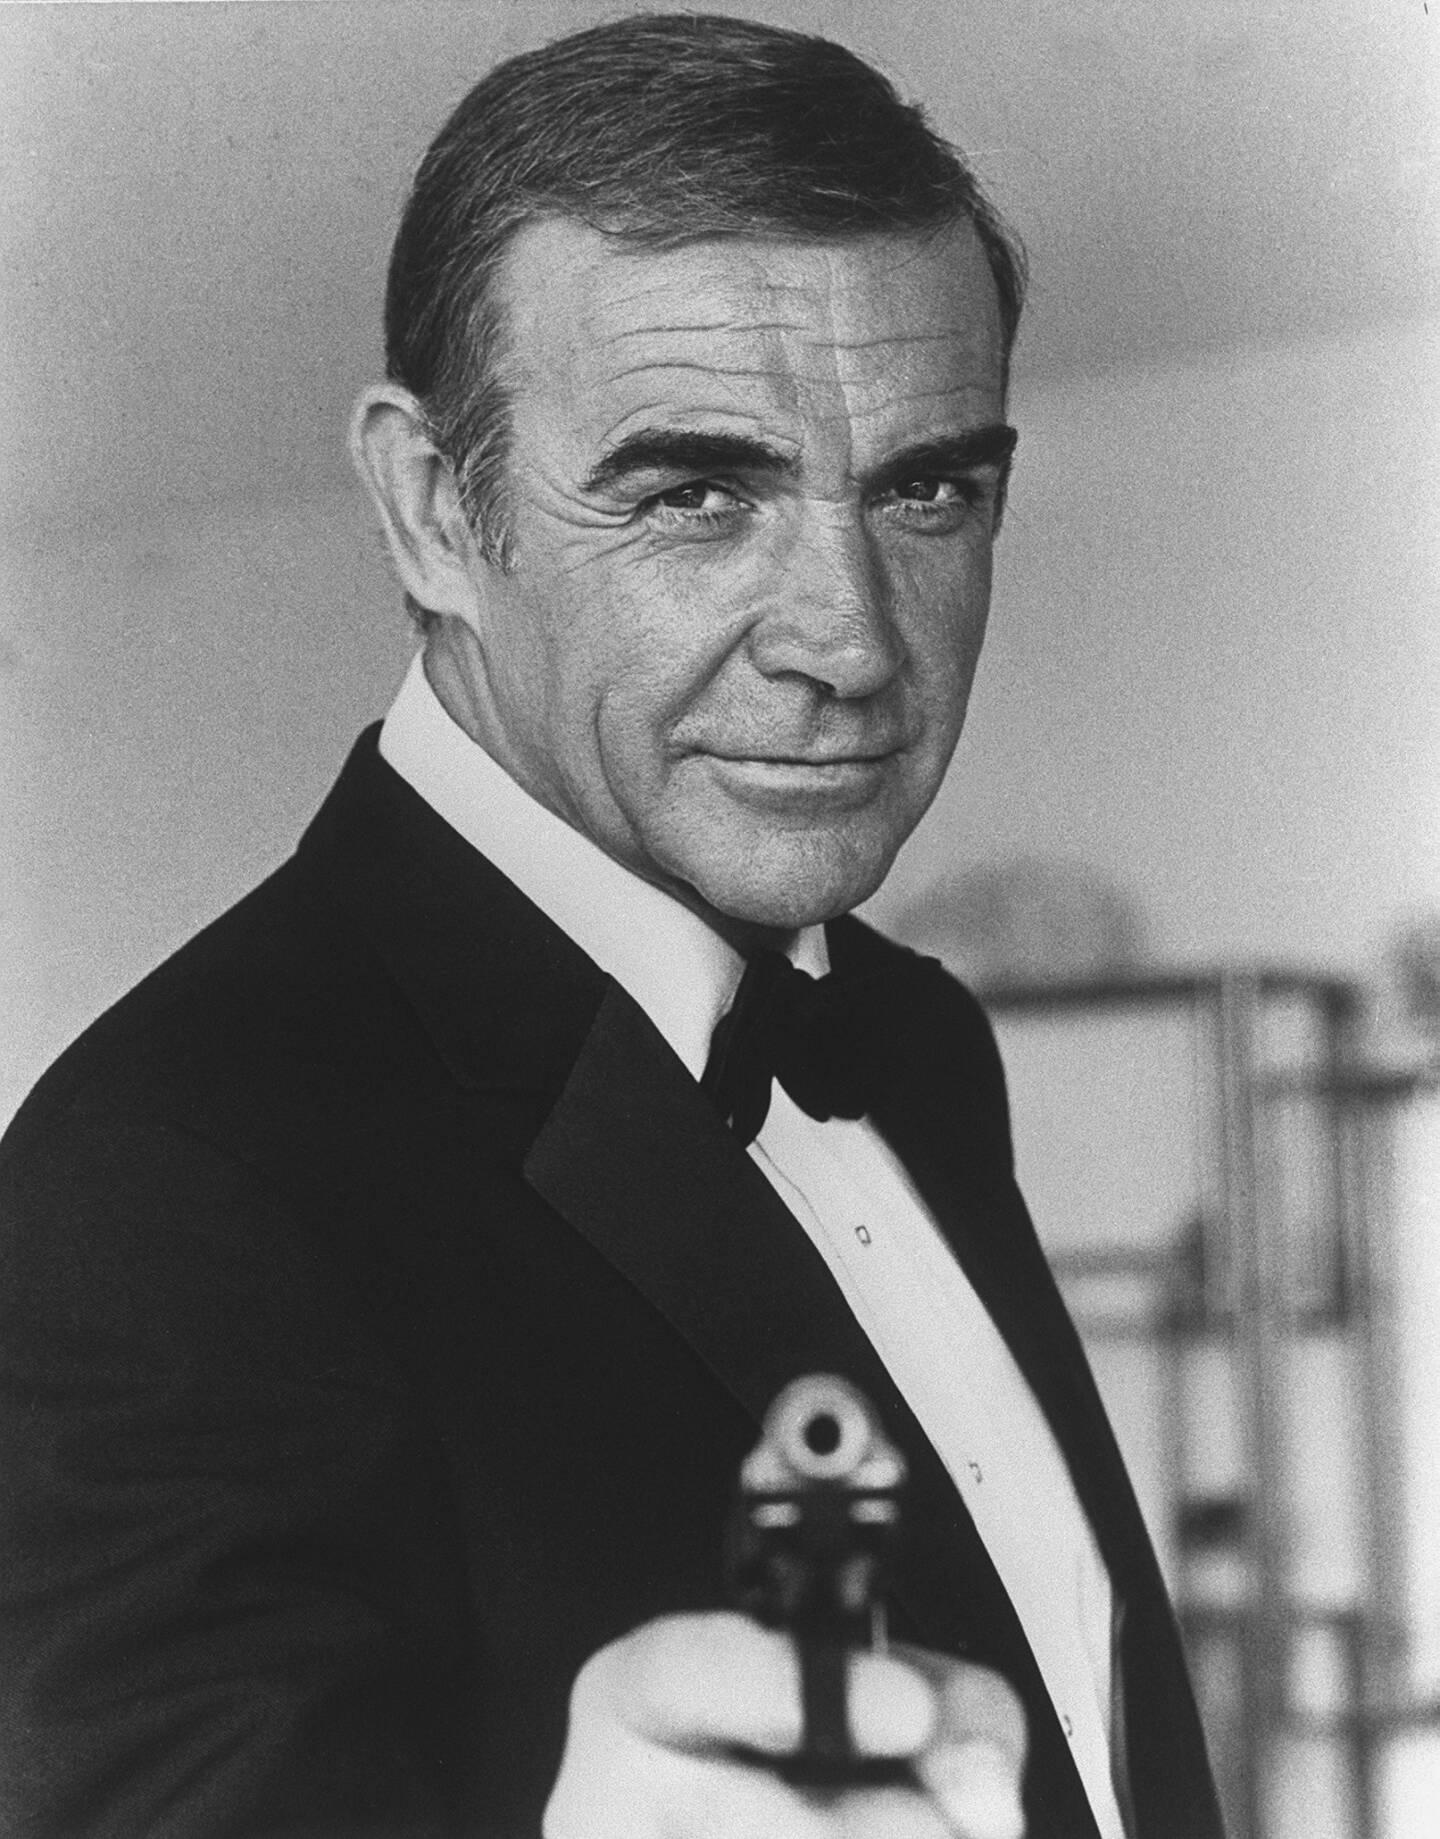 Sean Connery (25 août 1930 - 31 octobre 2020)